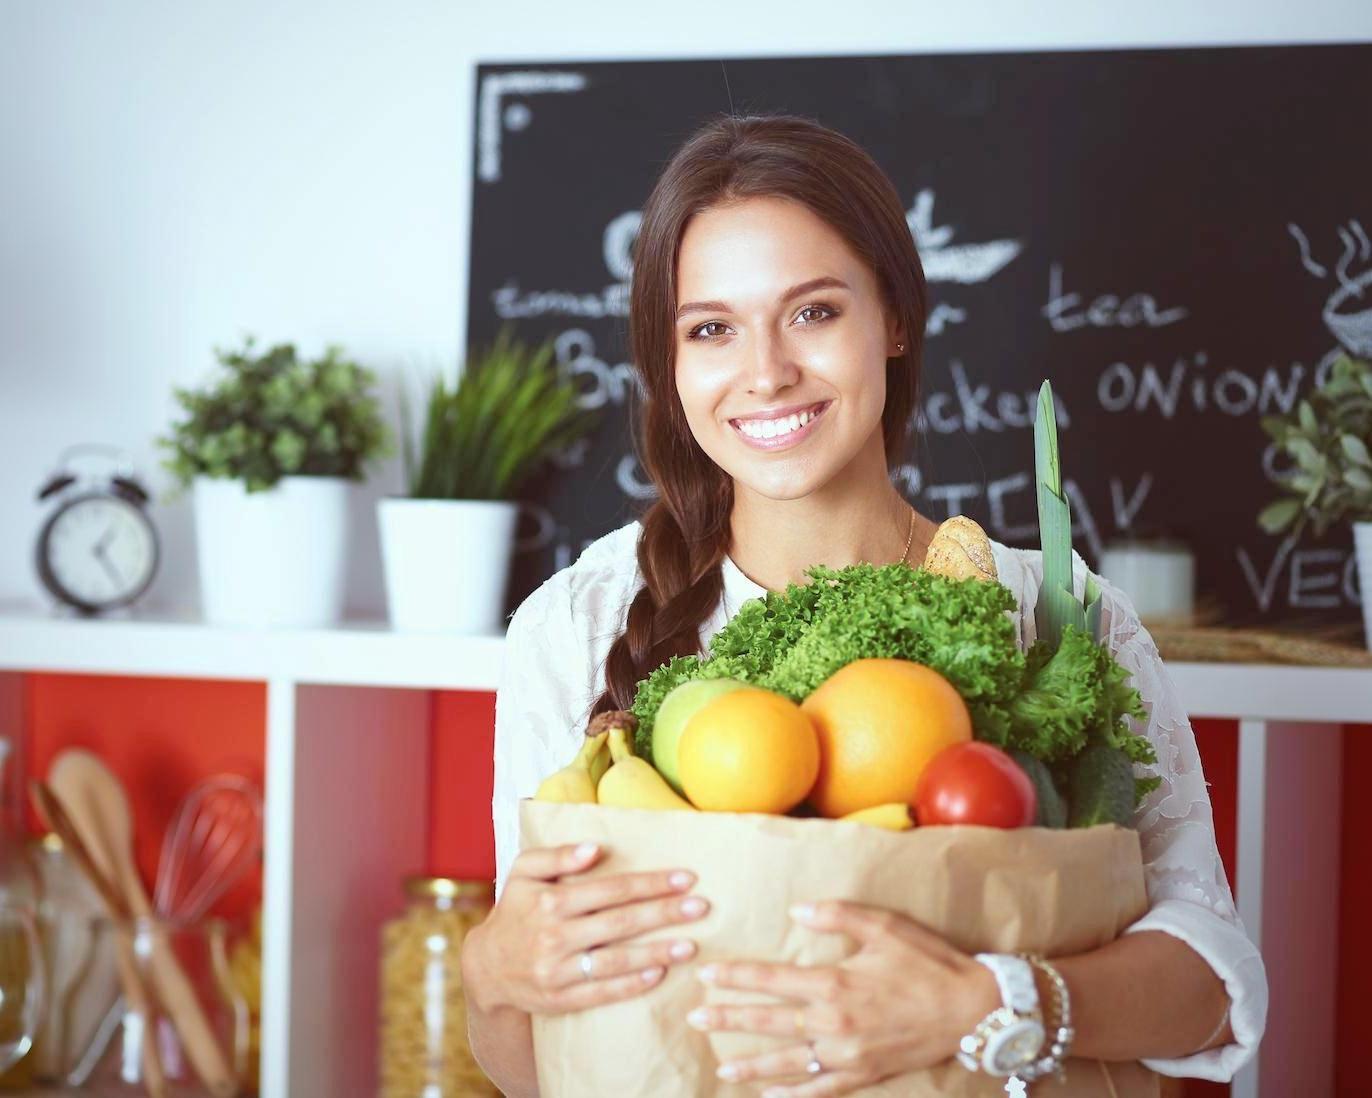 Diet and Nutrition - Naturopath Zeina Raya's naturopathic practice